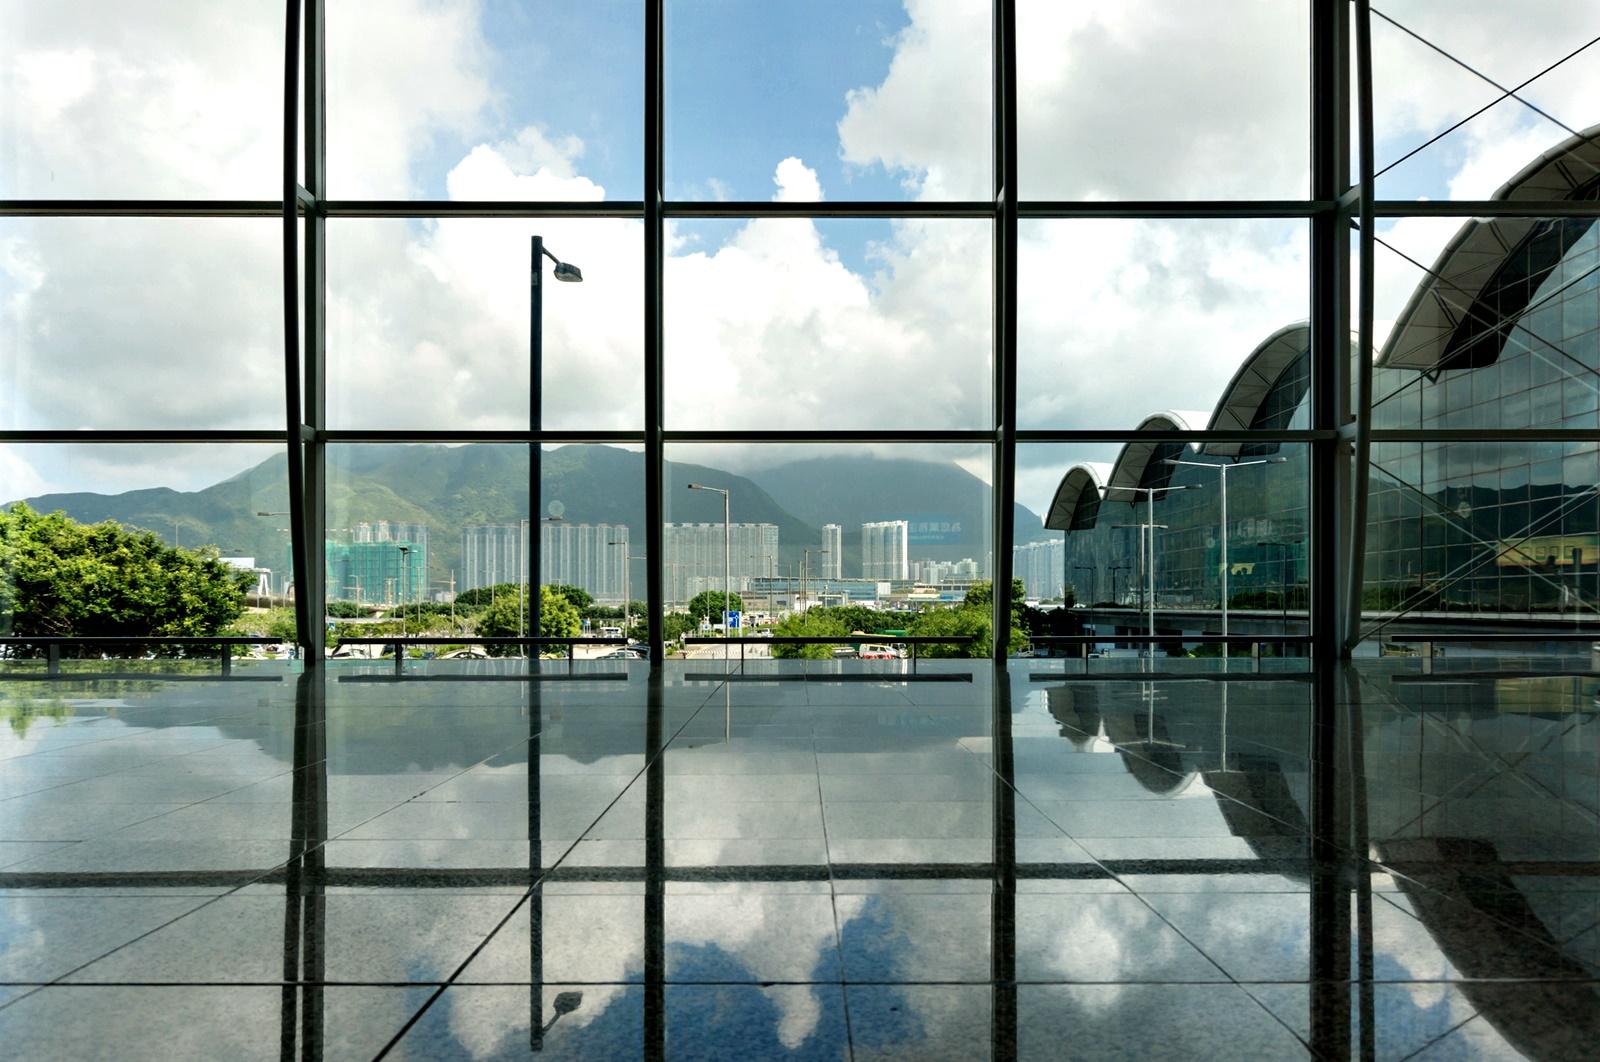 Международно летище Хонконг<br /> До 2015 г. летището Хонконг предлагаше на посетителите си огромно игрище за голф, когато беше закрито заради разширяване на хотела, обслужващ летището. Днес възможността да играете голф, докато чакате за полета си, продължаваа да съществува – на Терминал 2 на летището има Голфзона – симулатор на игрище за голф.